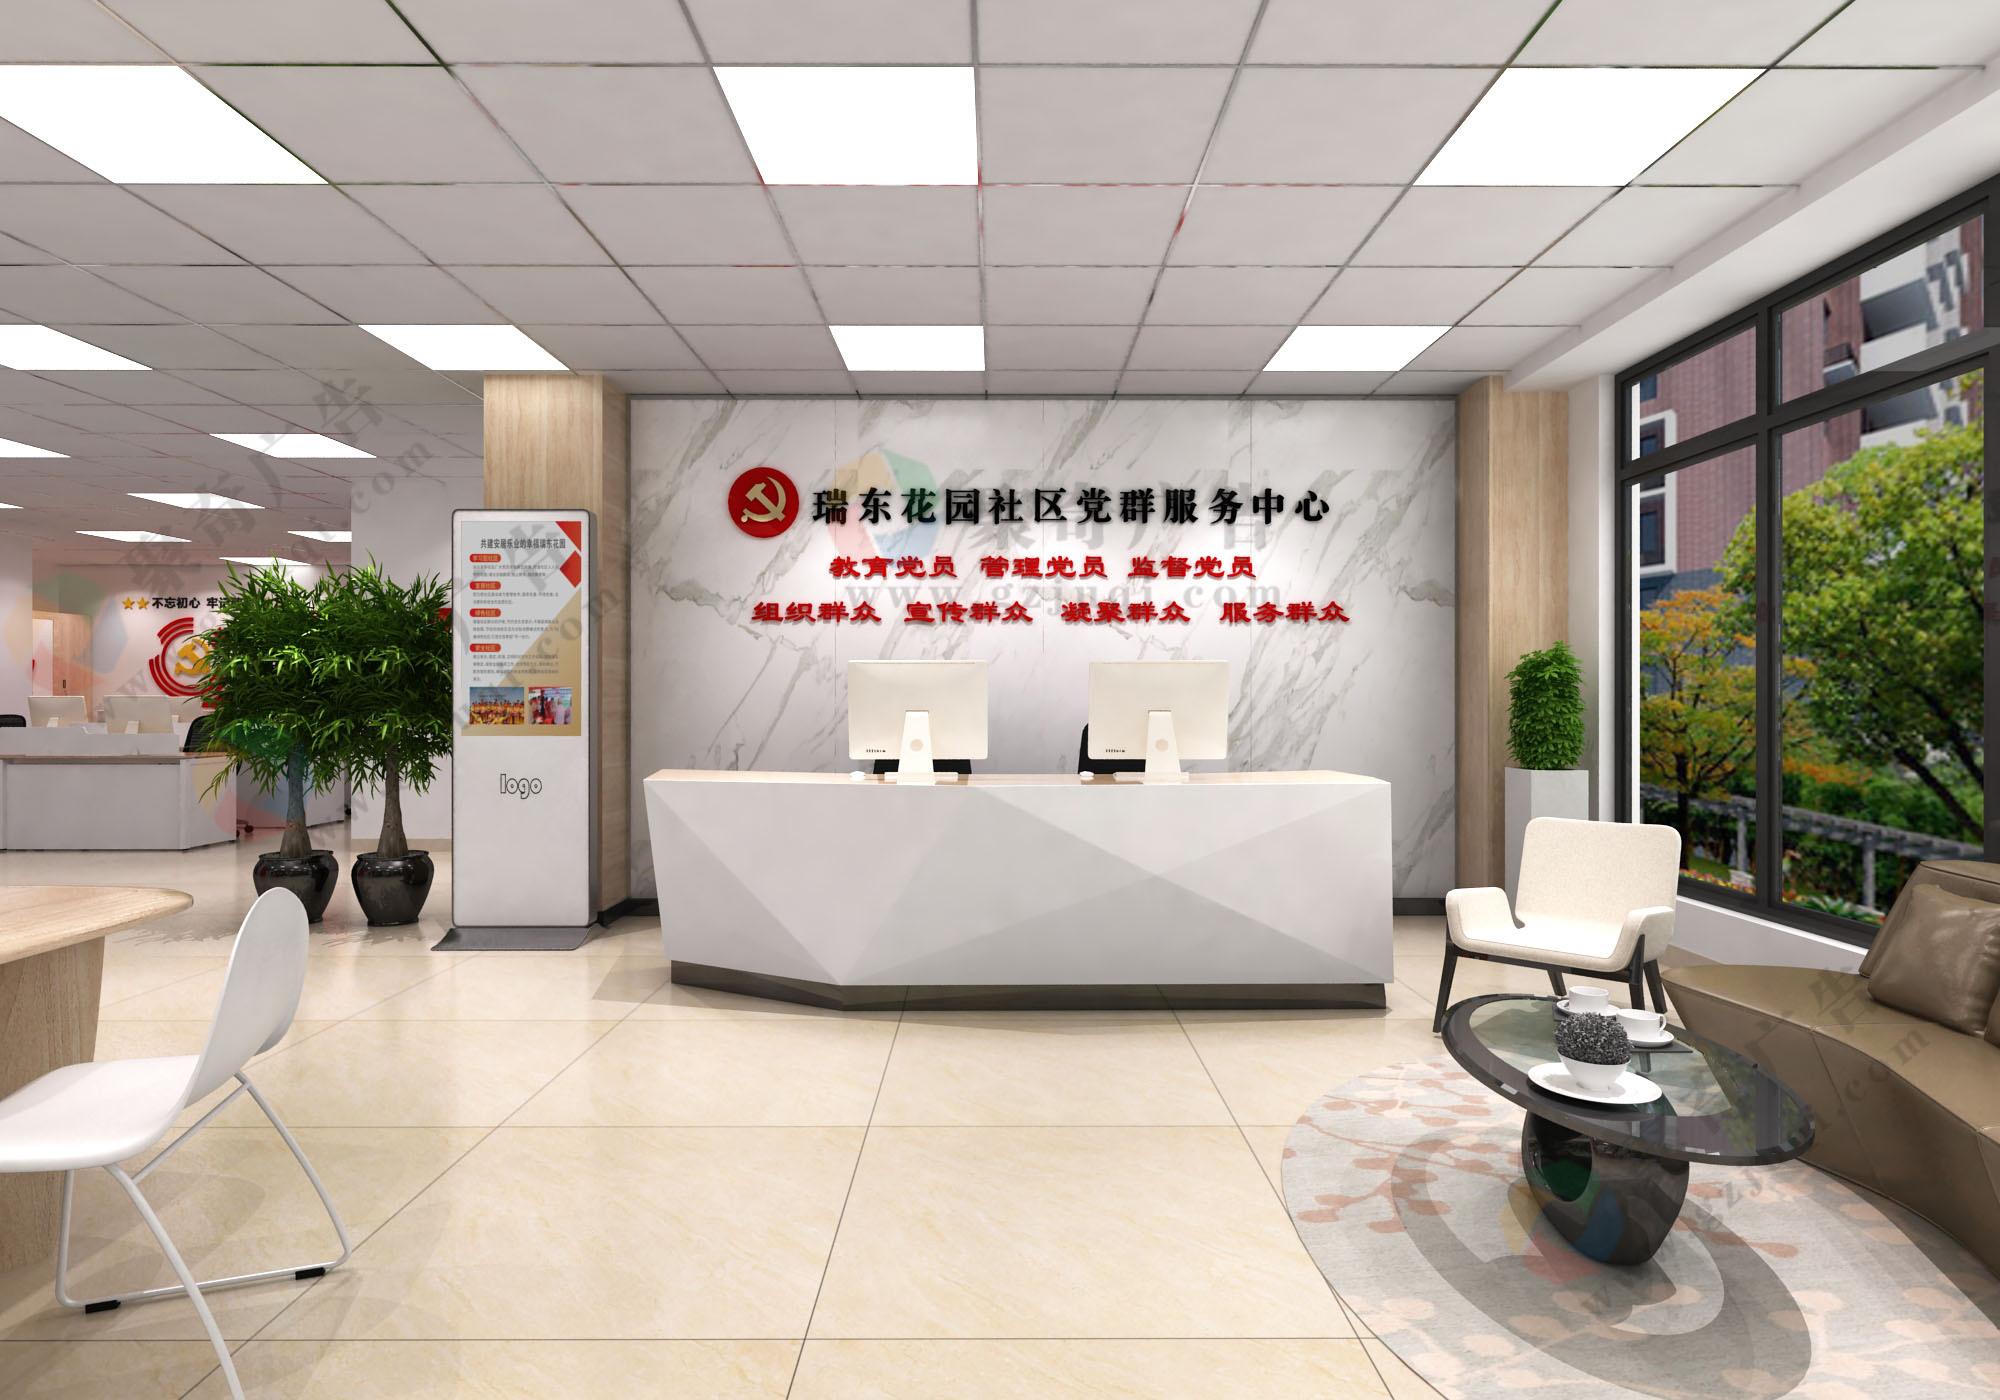 瑞东社区党群服务中心设计